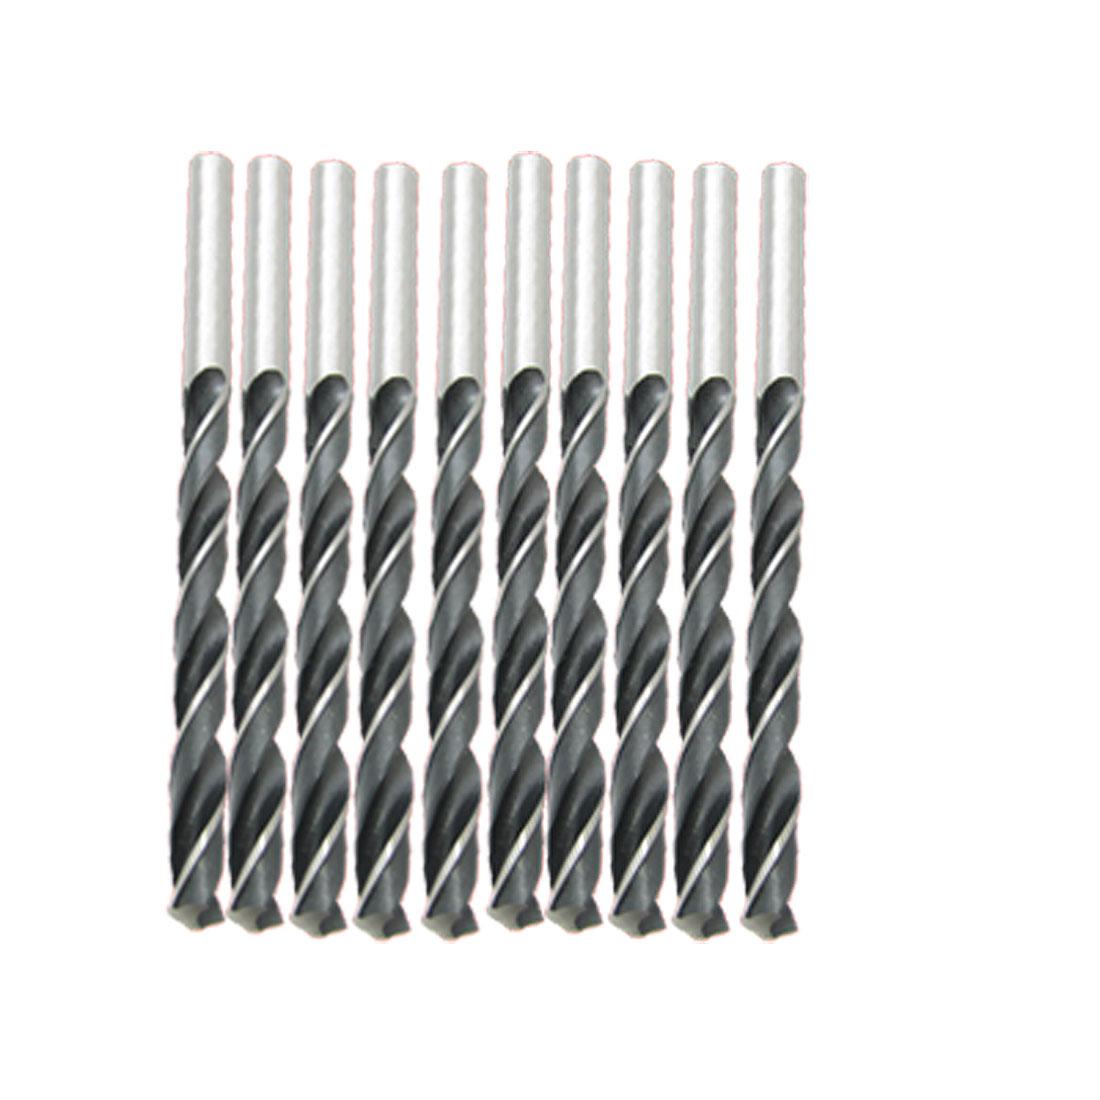 5mm Dia Straight Shank HSS Twist Drill Bit 10 Pcs for Marble Metal